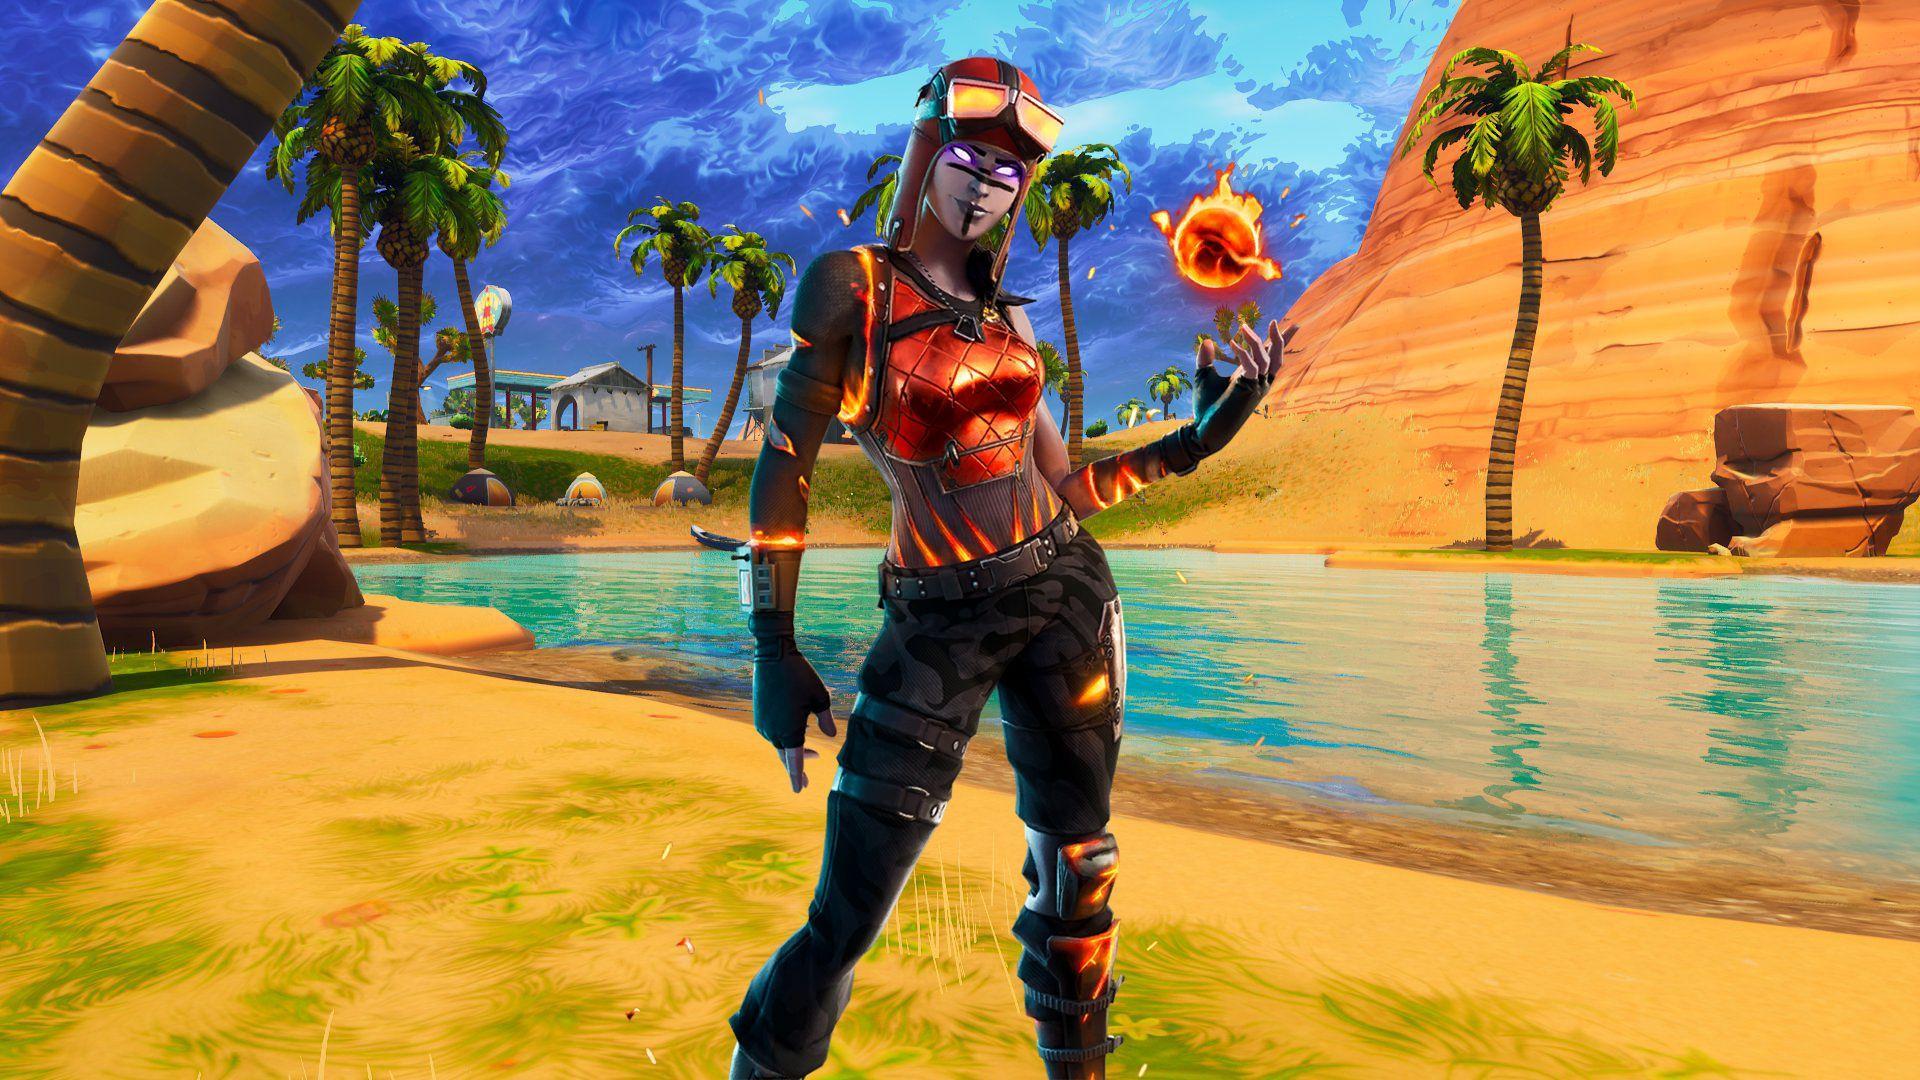 1920x1080 Renegade Raider đã trở lại!  Tất cả thông tin chi tiết về Blaze Skin + Blaze Fortnite Wallpaper - Mega Themes